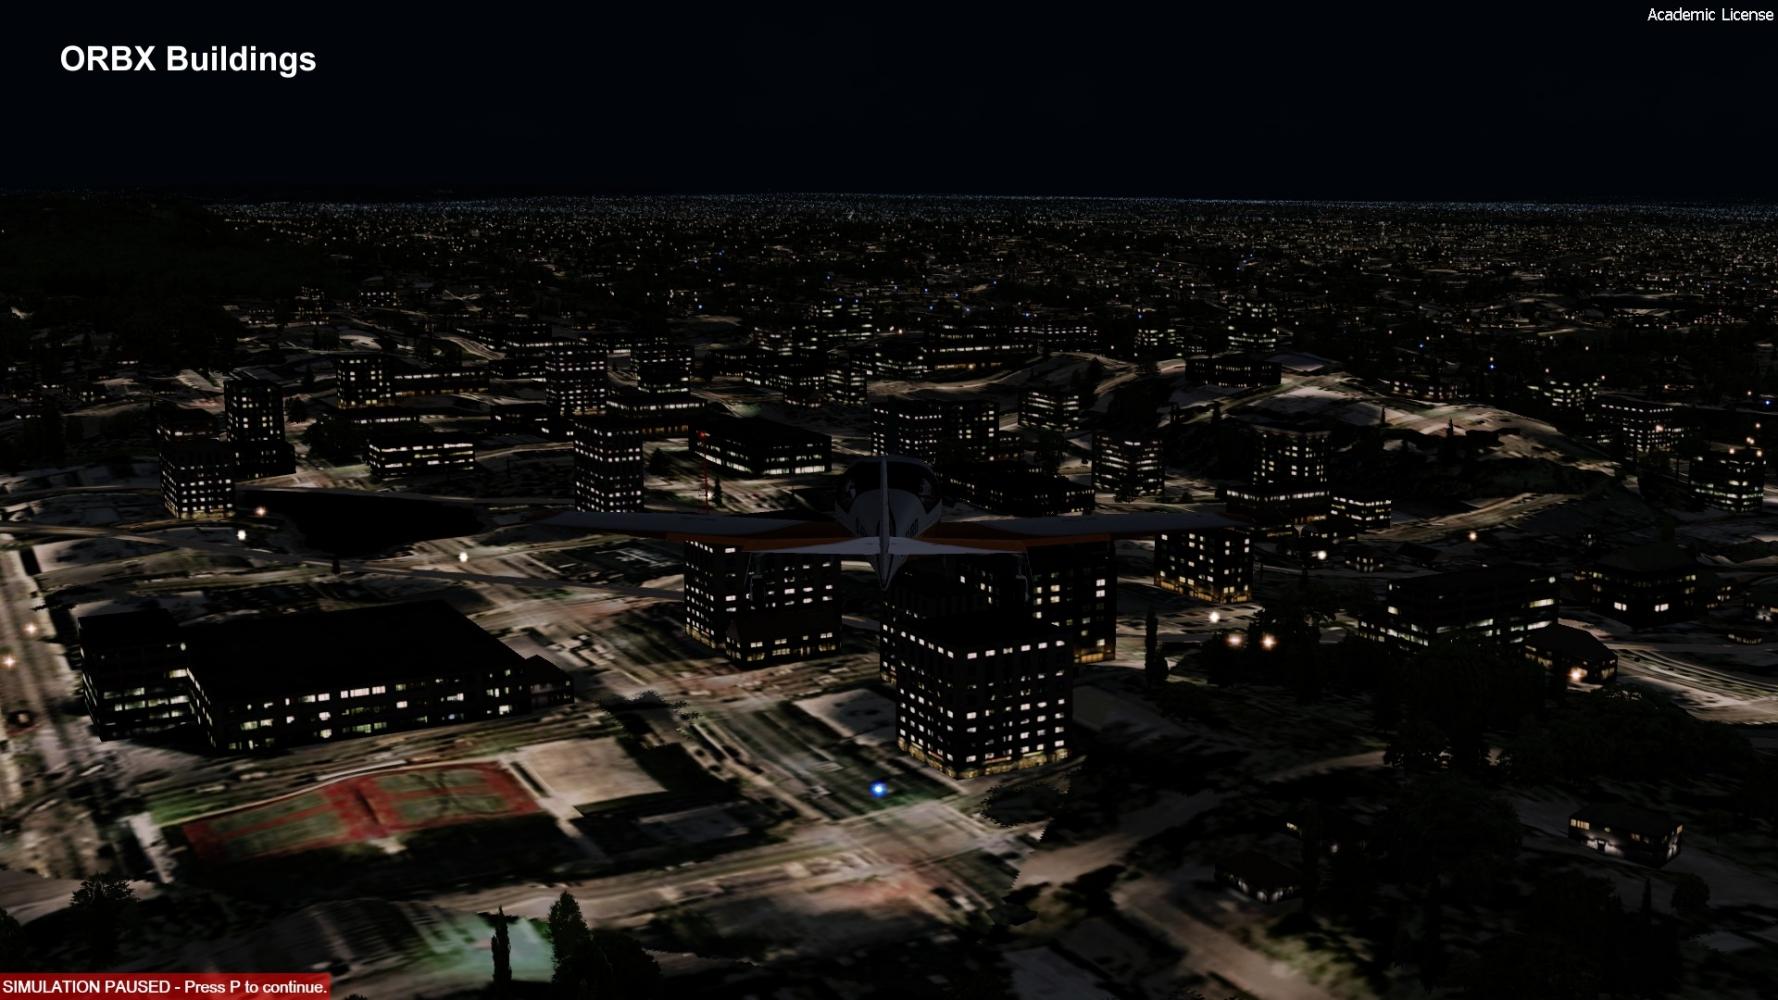 P3D-ORBX-Buildings-night.jpg